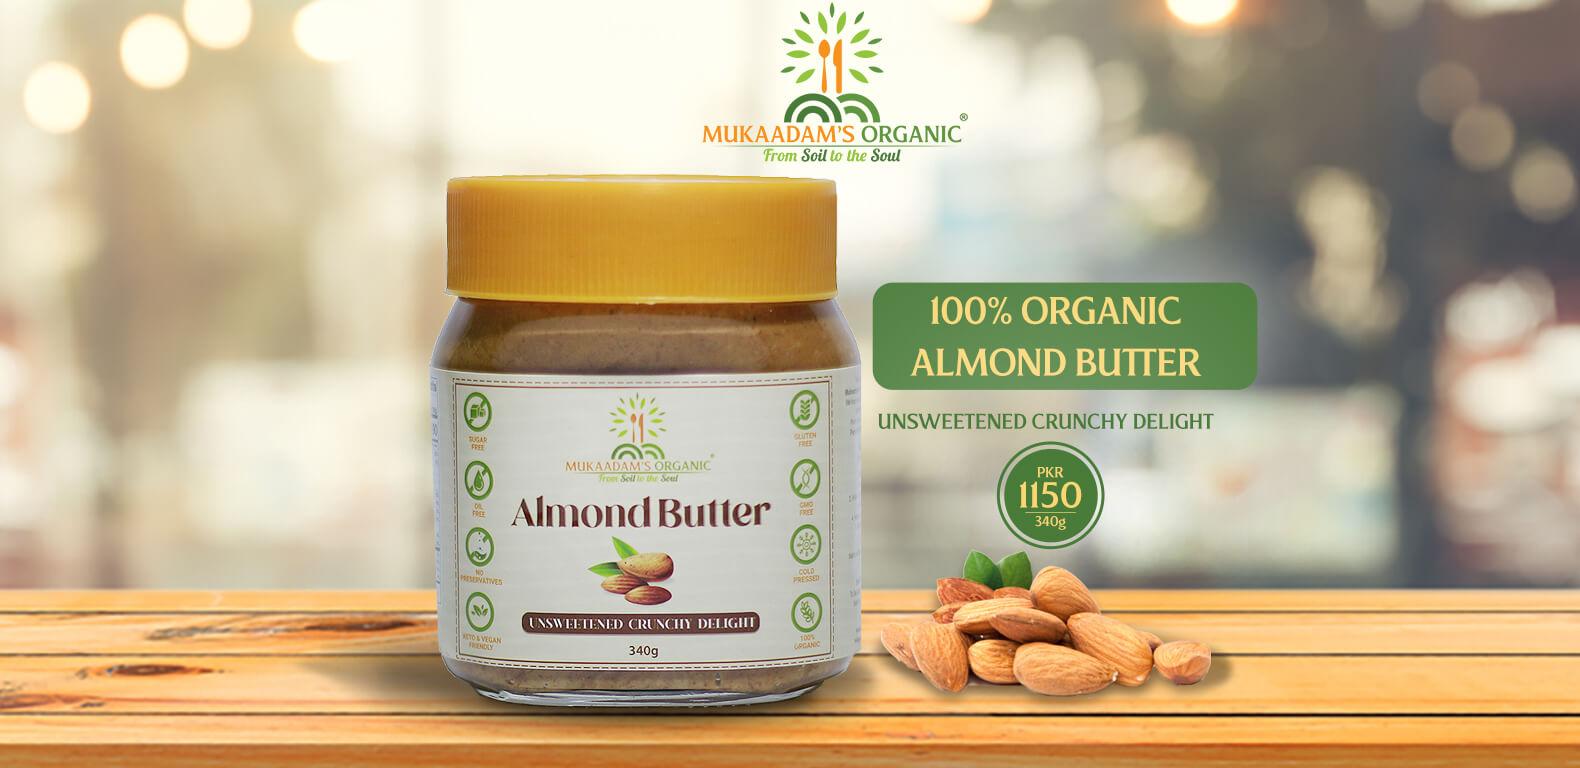 Packaging-design-Almond-butter